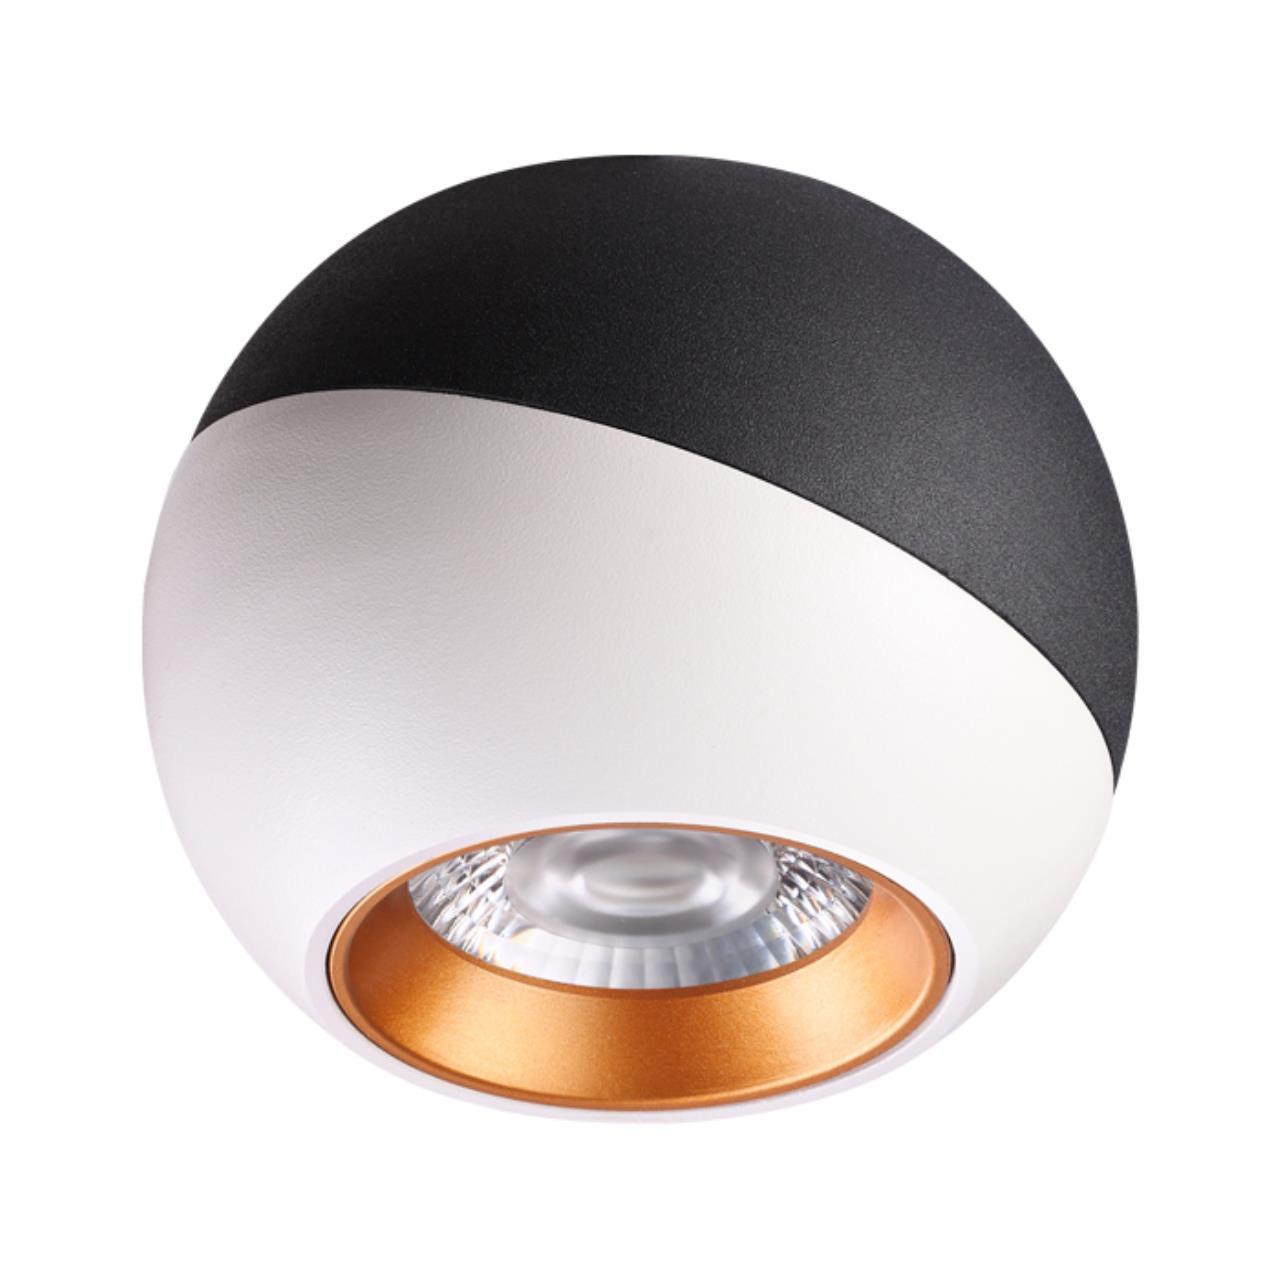 358156 OVER NT19 024 черный/белый/золото Накладной светильник IP20 LED 4000K 6W 220V BALL